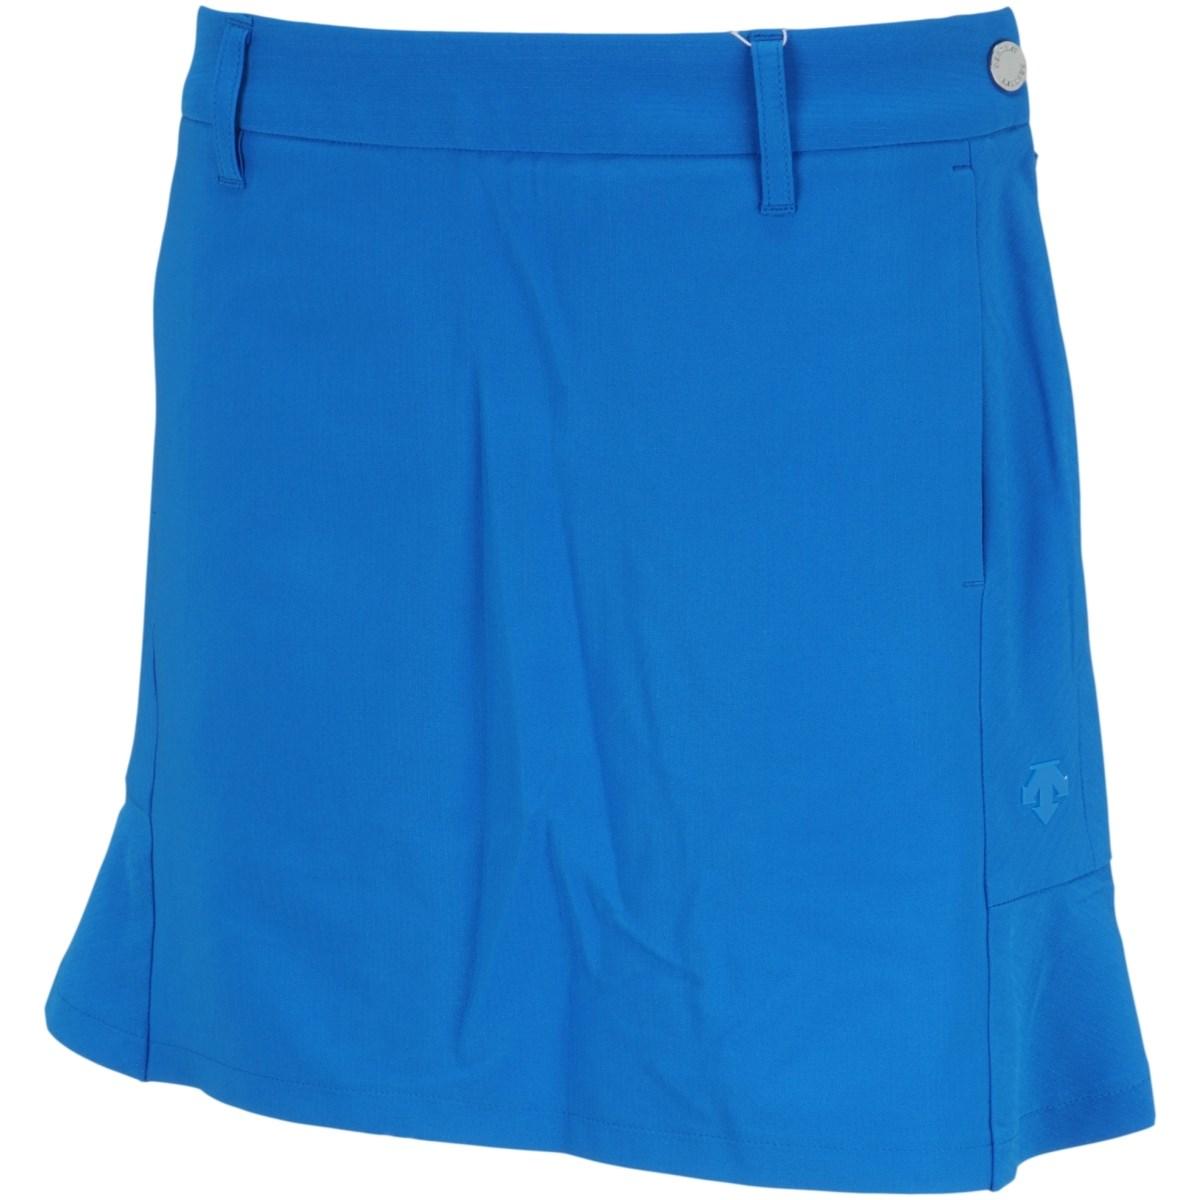 デサントゴルフ DESCENTE GOLF ストレッチシャドーへリンボンスカート 58 ブルー 00 レディス